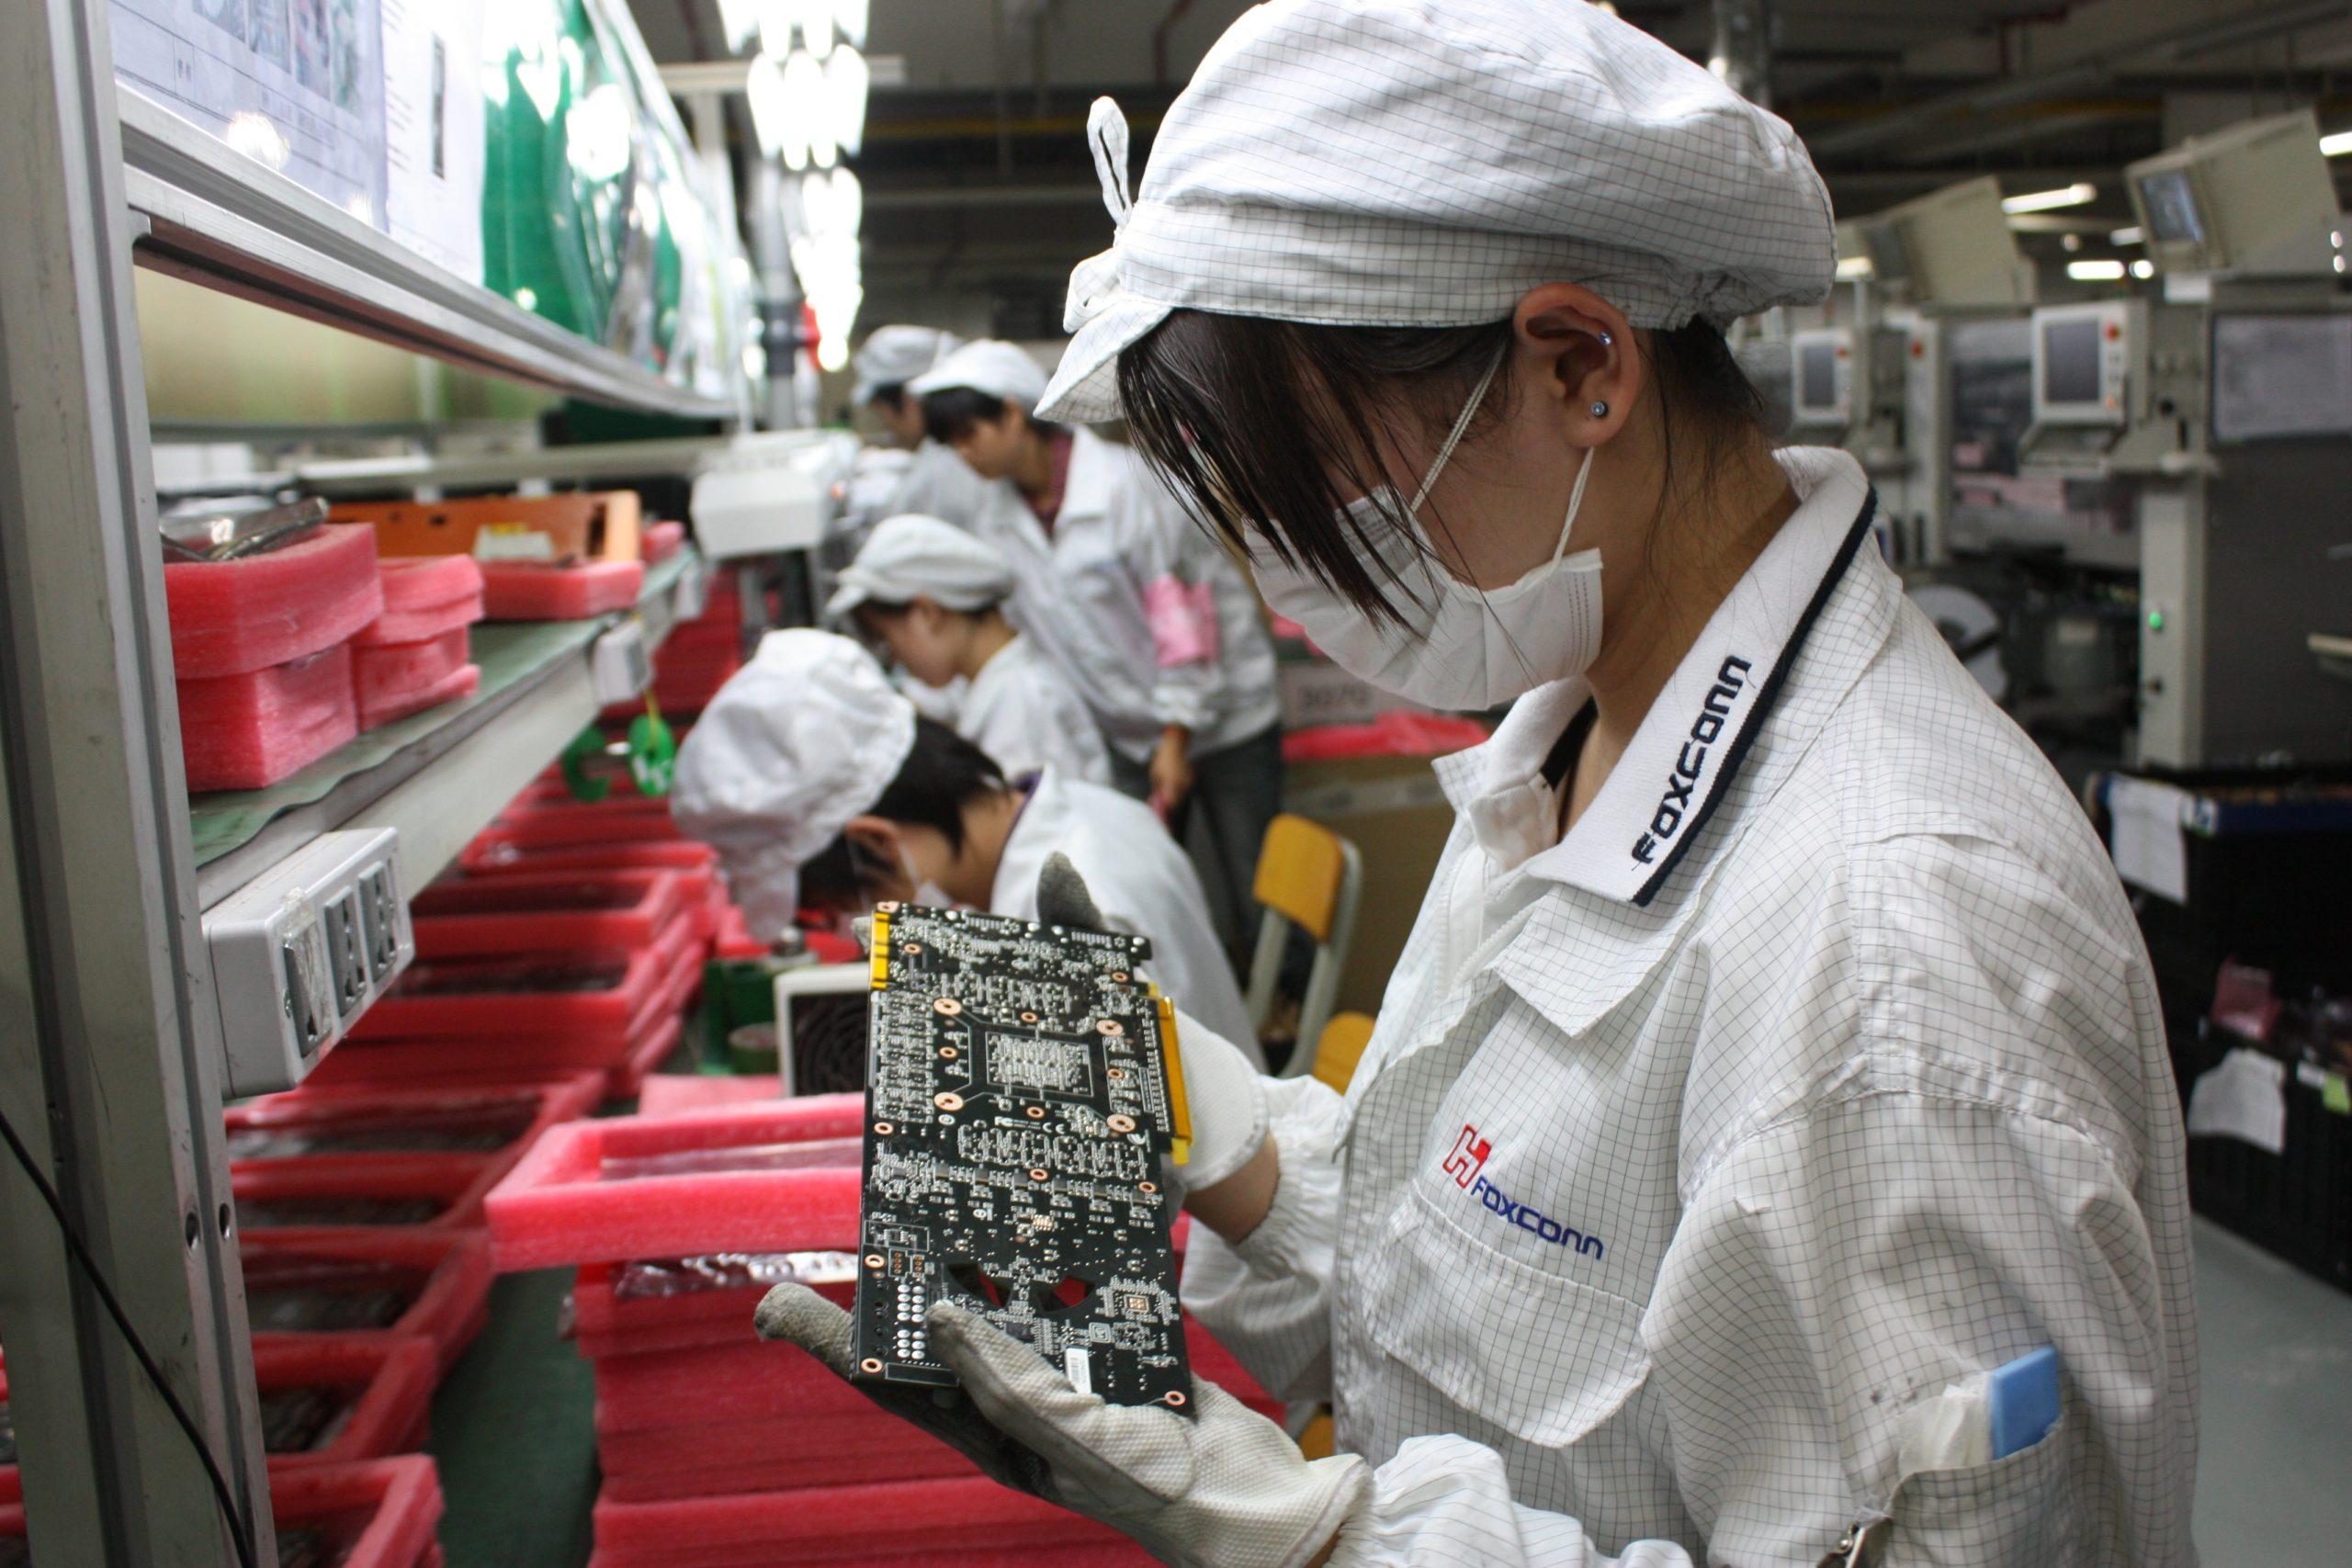 Производство товаров в Китае фото №1